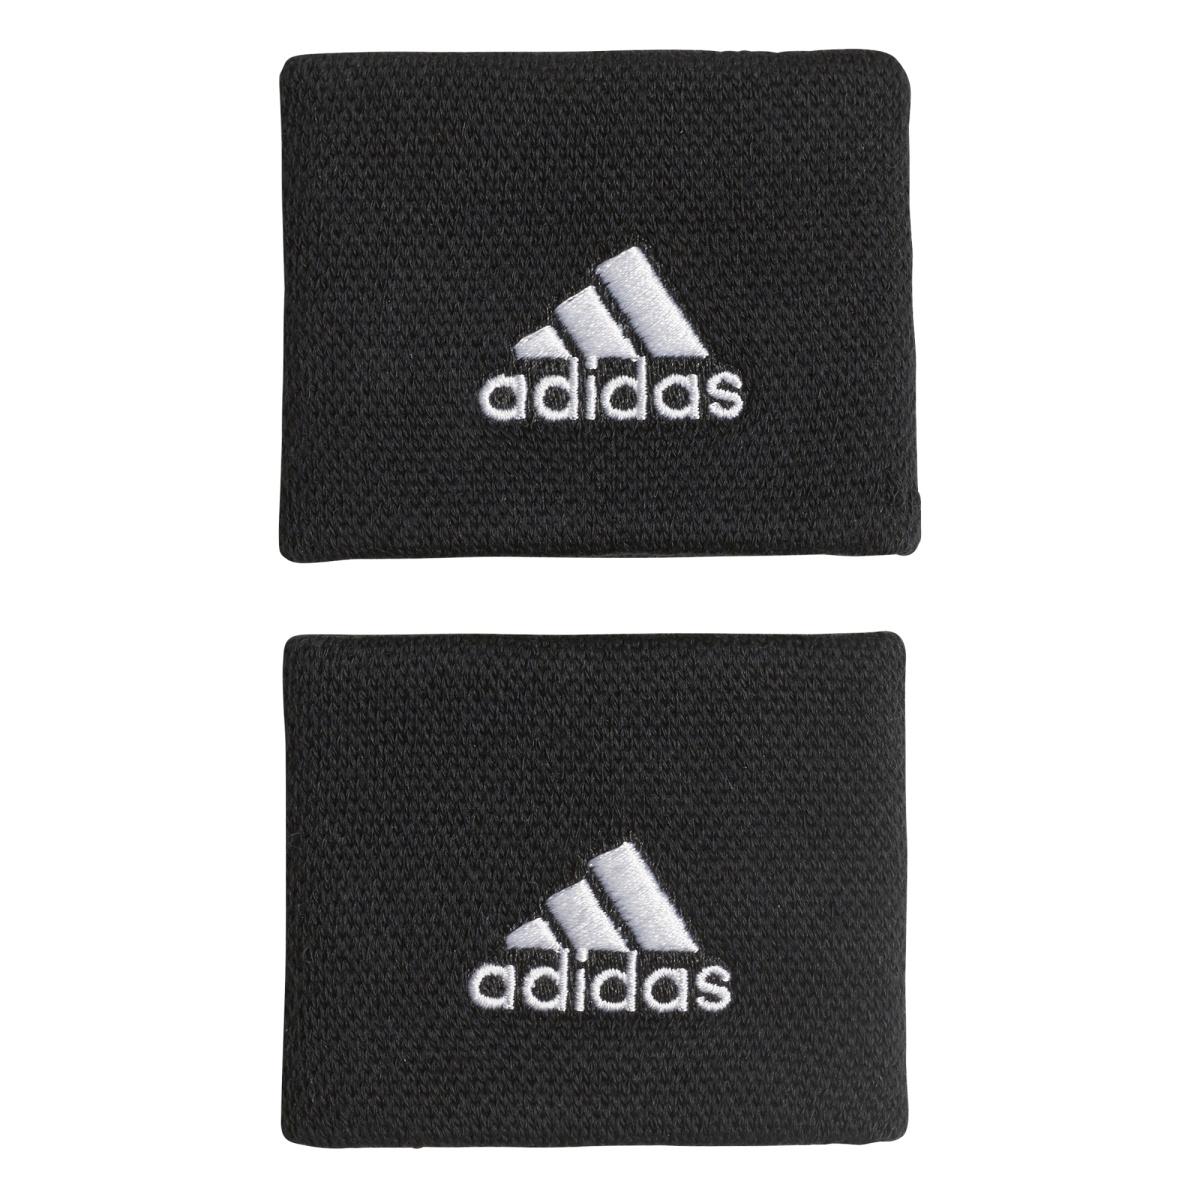 adidas Tennis Wristband Small černá Pánská - Glami.cz 007cc7206a